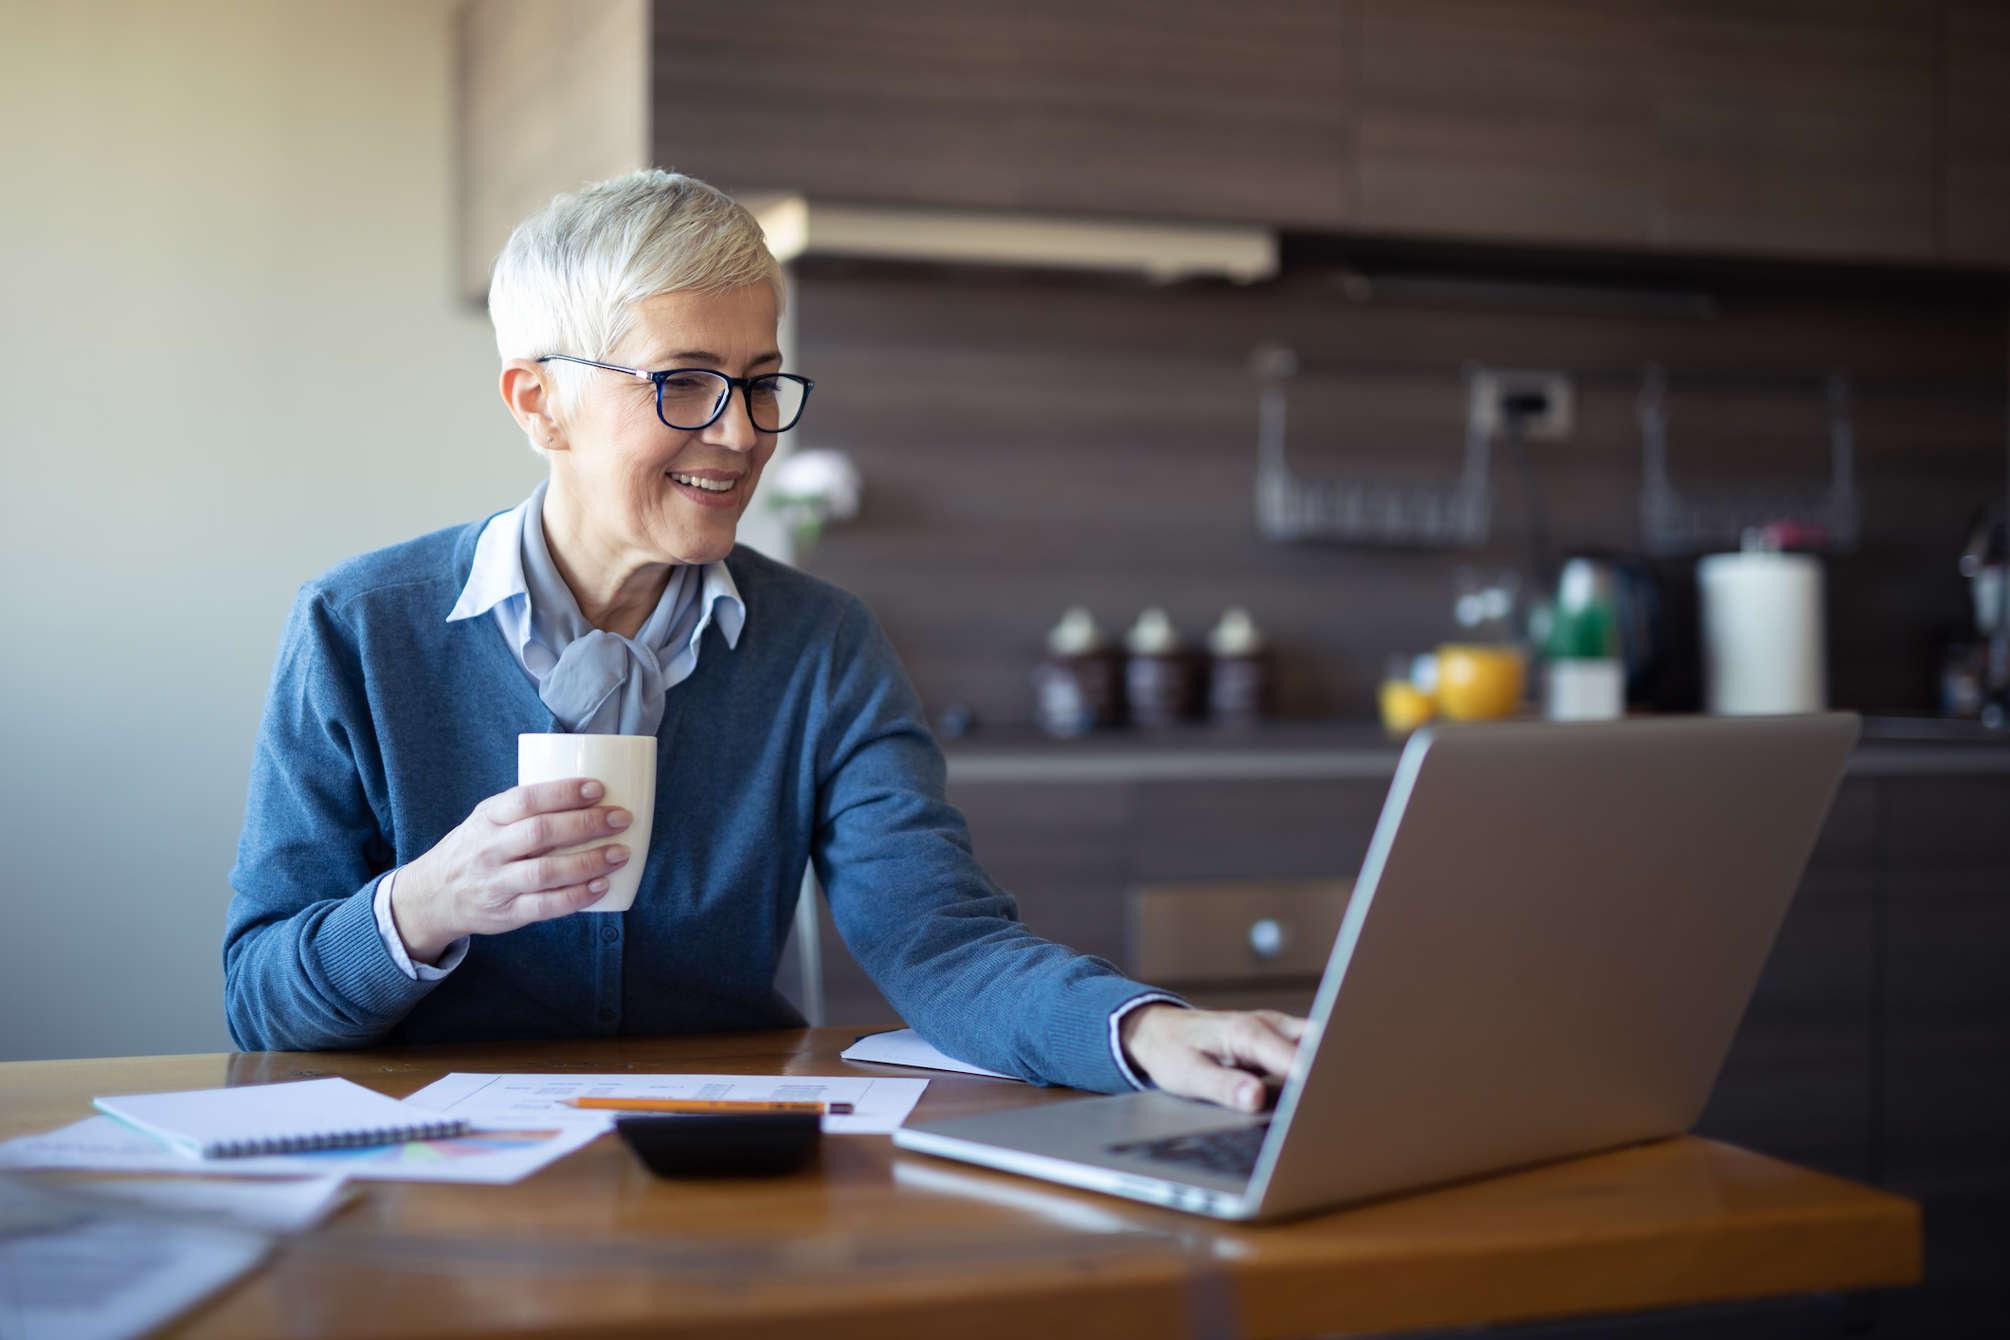 Homeoffice-Arbeitsplätze mit Telefonkonferenzen vernetzen